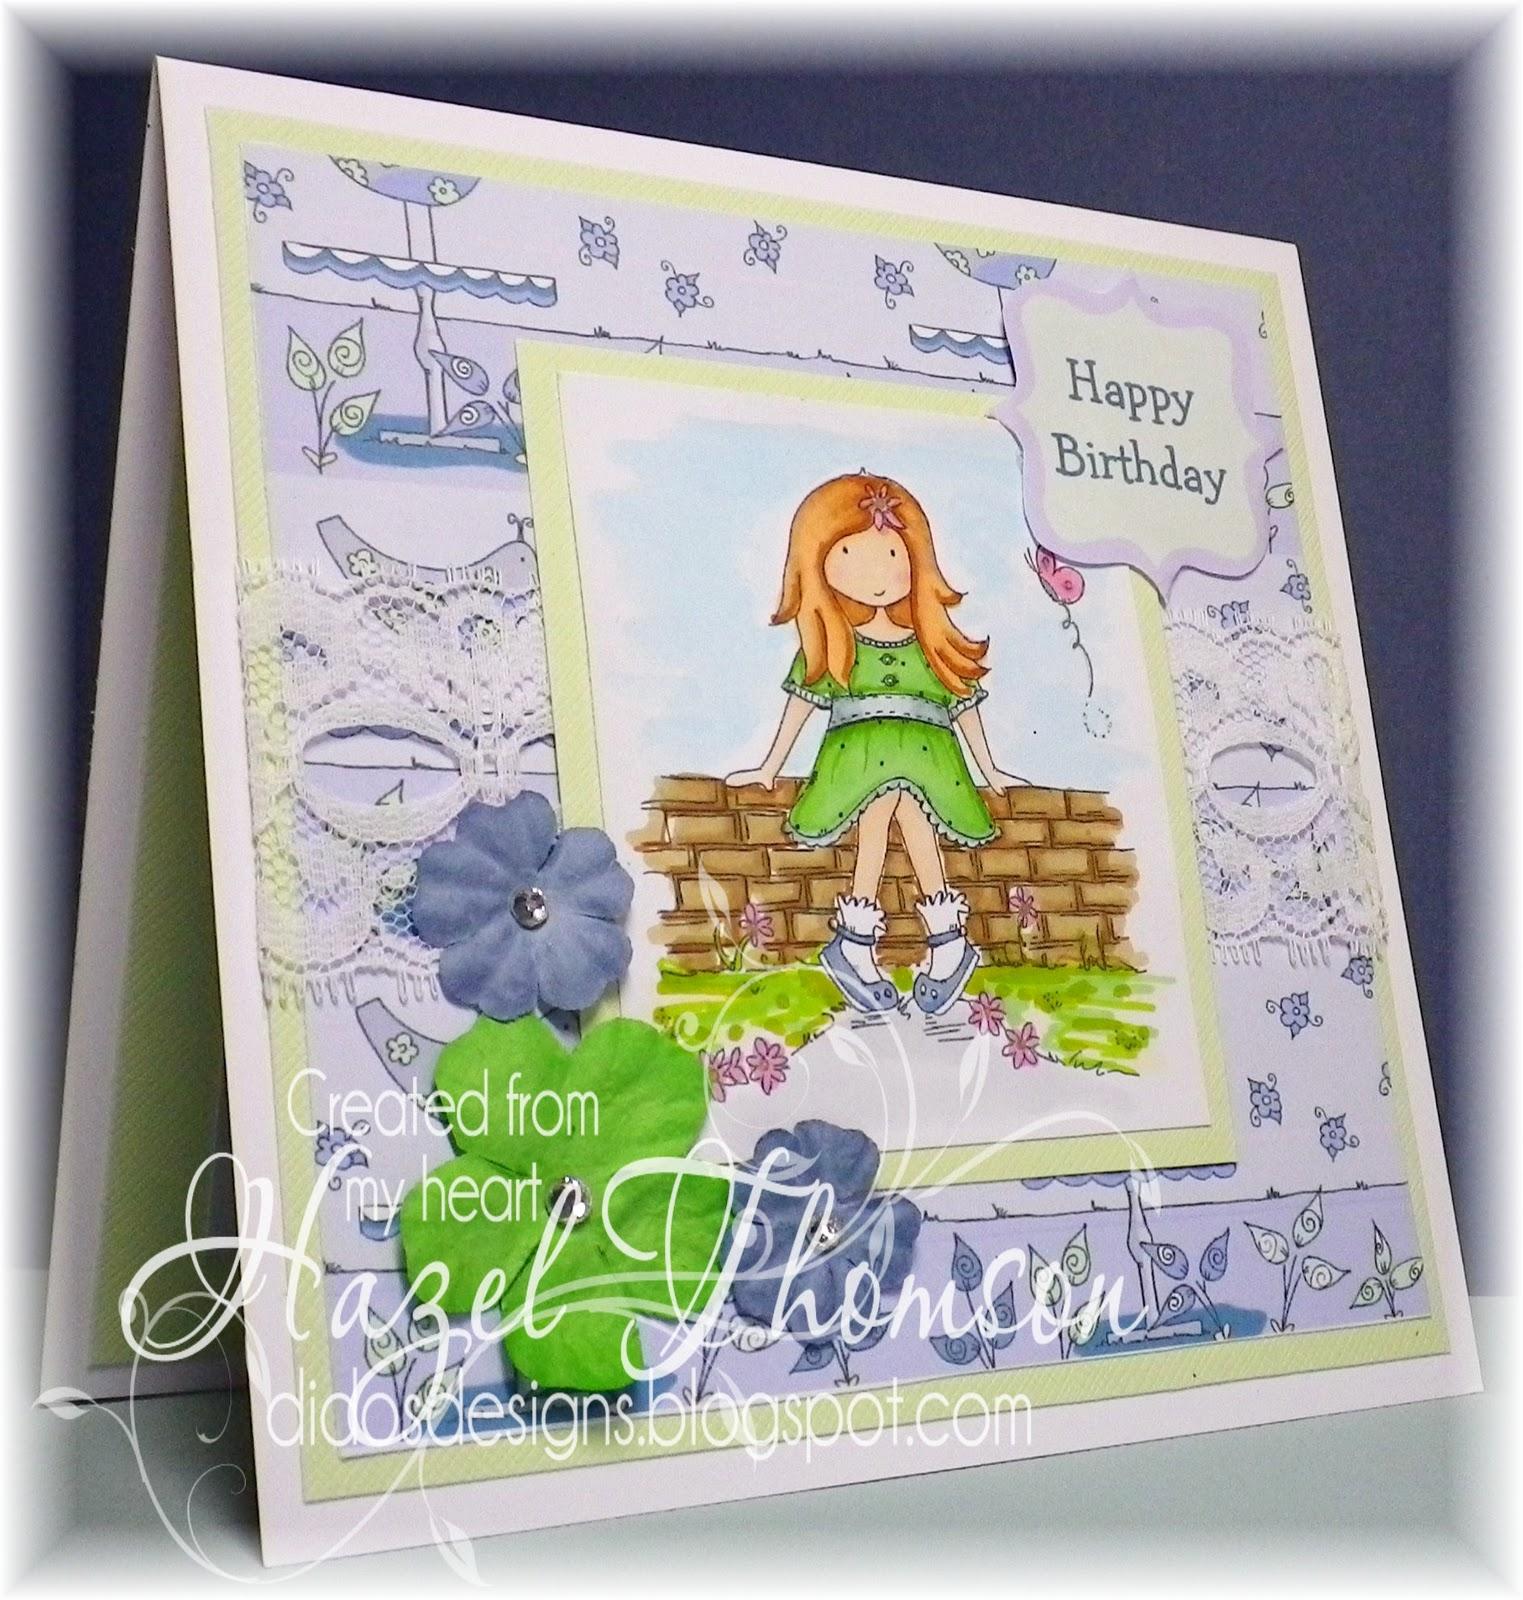 http://1.bp.blogspot.com/-kJbWZGWbObM/Tx76zeb-xUI/AAAAAAAAGUE/kTkHlU3j3wE/s1600/Cards+By+Dido%2527s+Designs+003.JPG